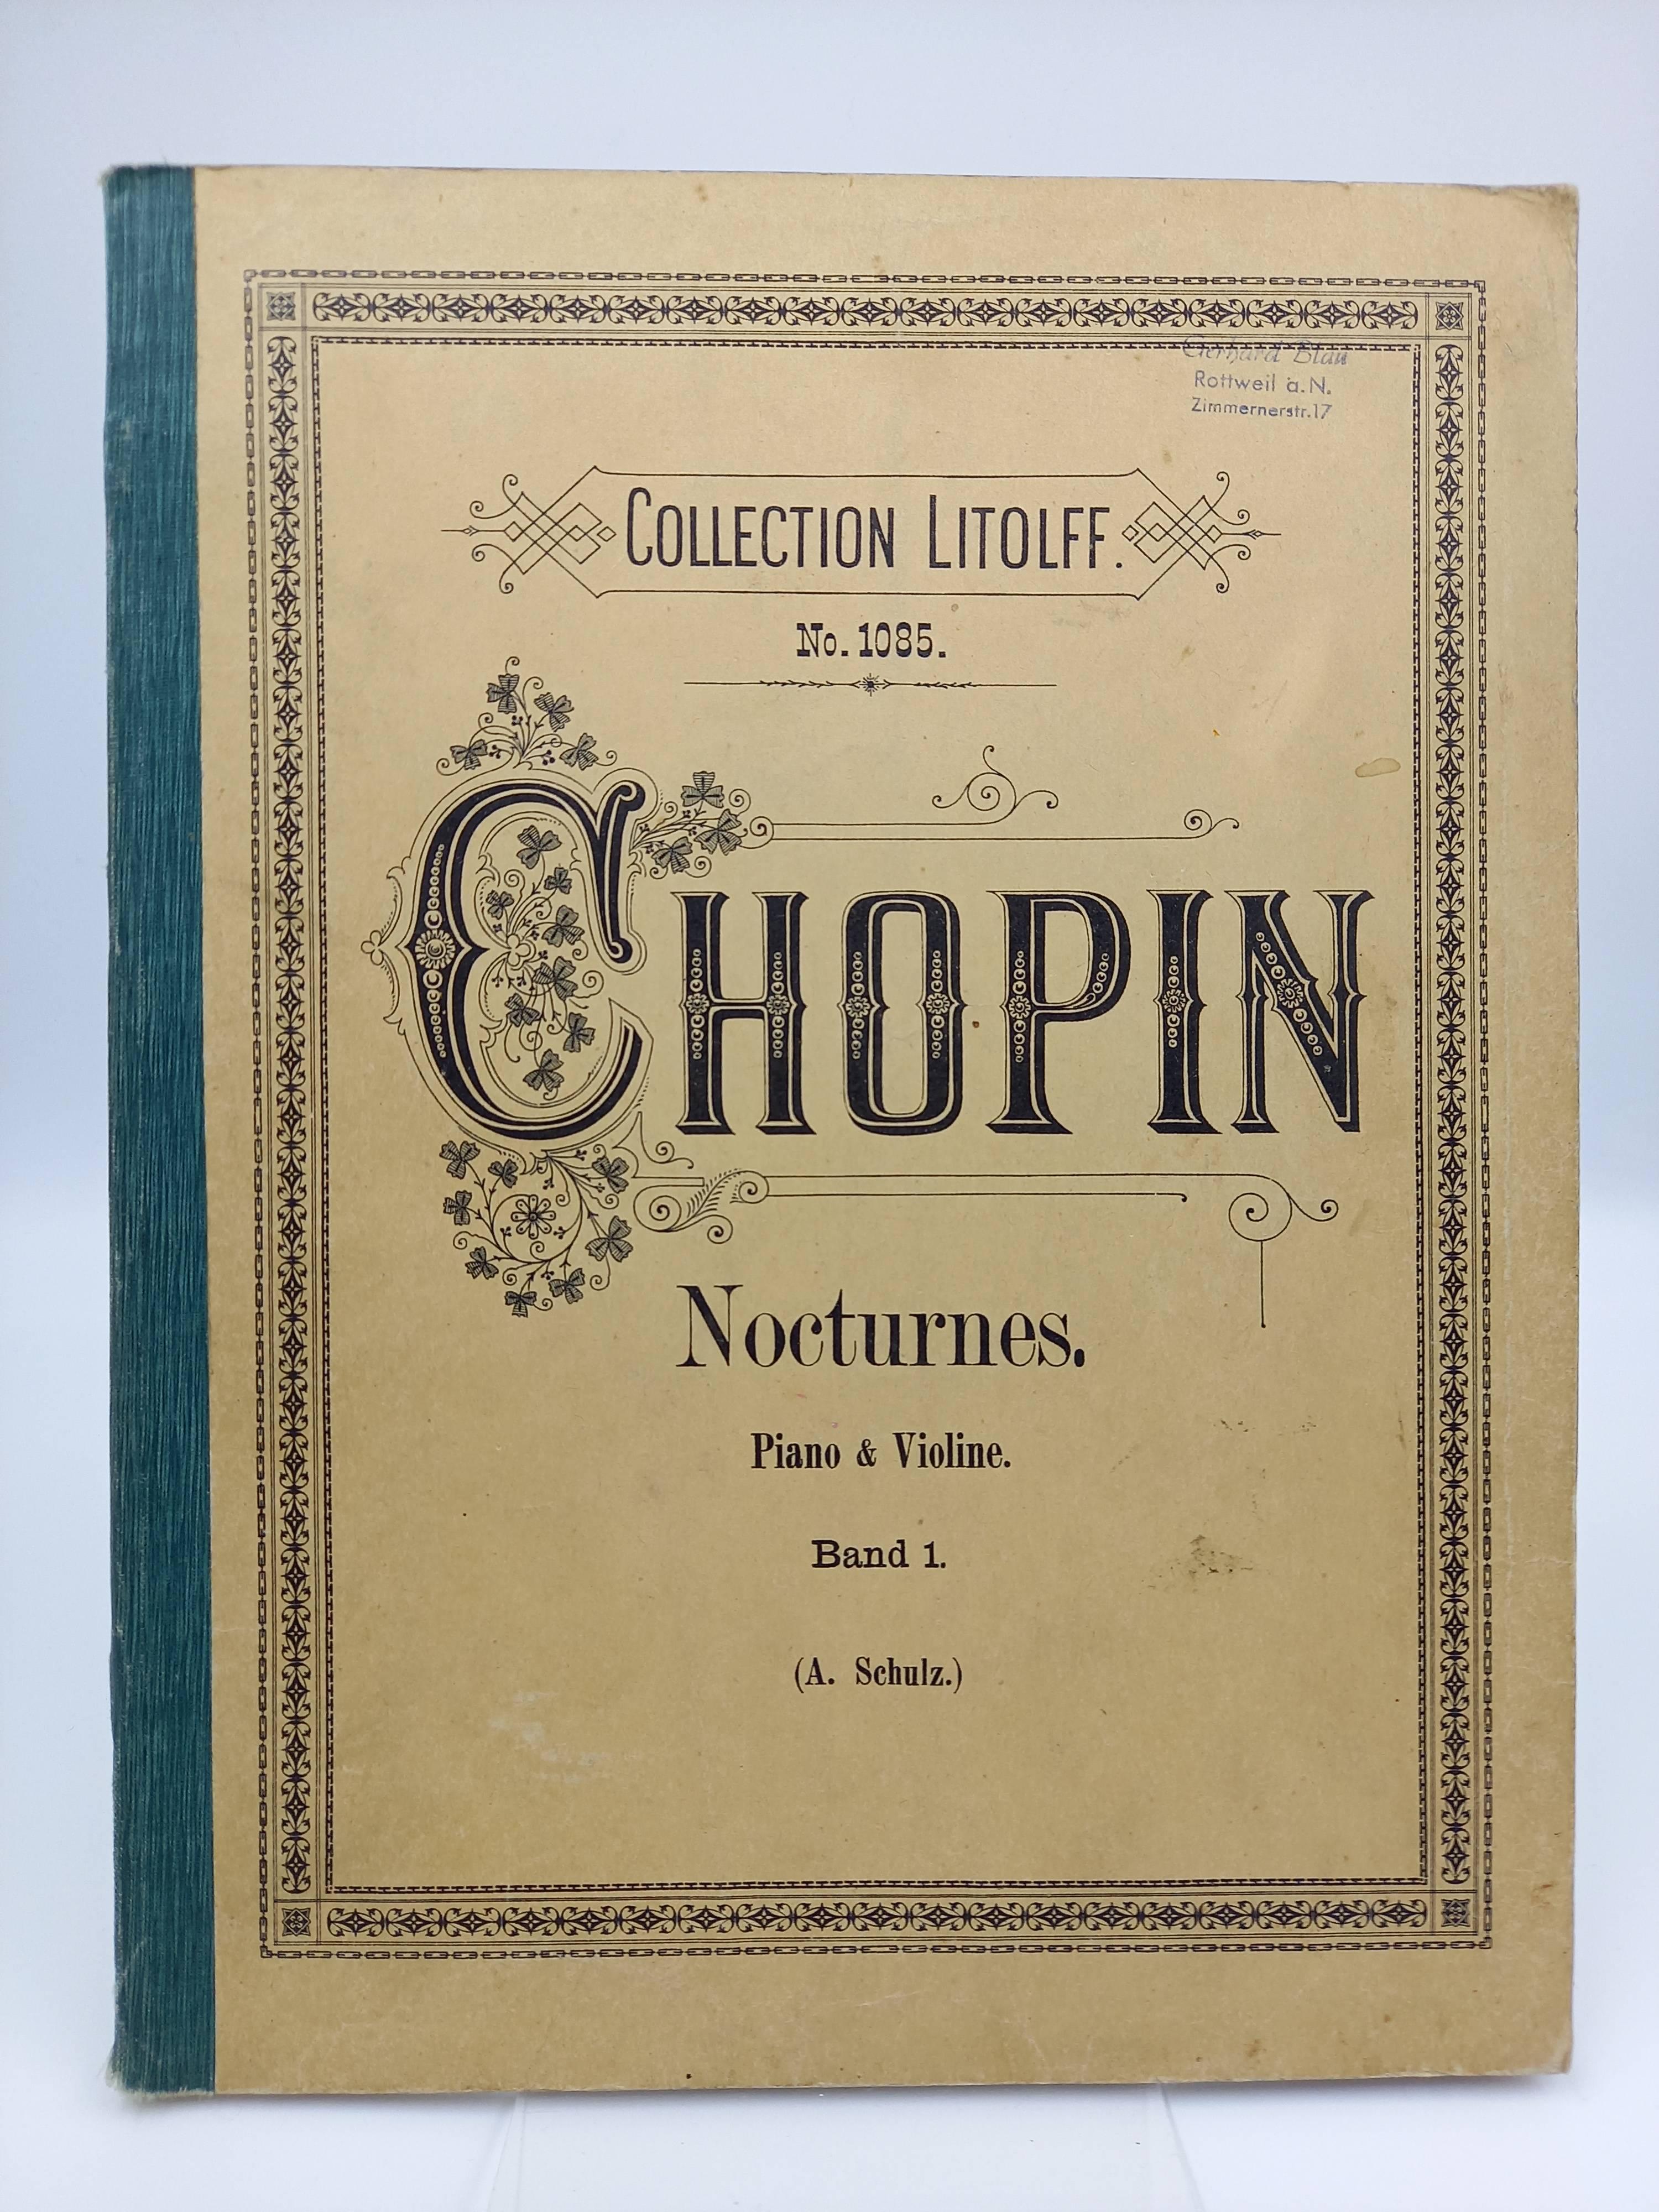 Chopin: Nocturnes. Piano & Violine; Band 1 (A. Schulz) / Nocturnes de Fr. Chopin. Transcrites pour Violon et piano par A. Schulz; Vol. 1